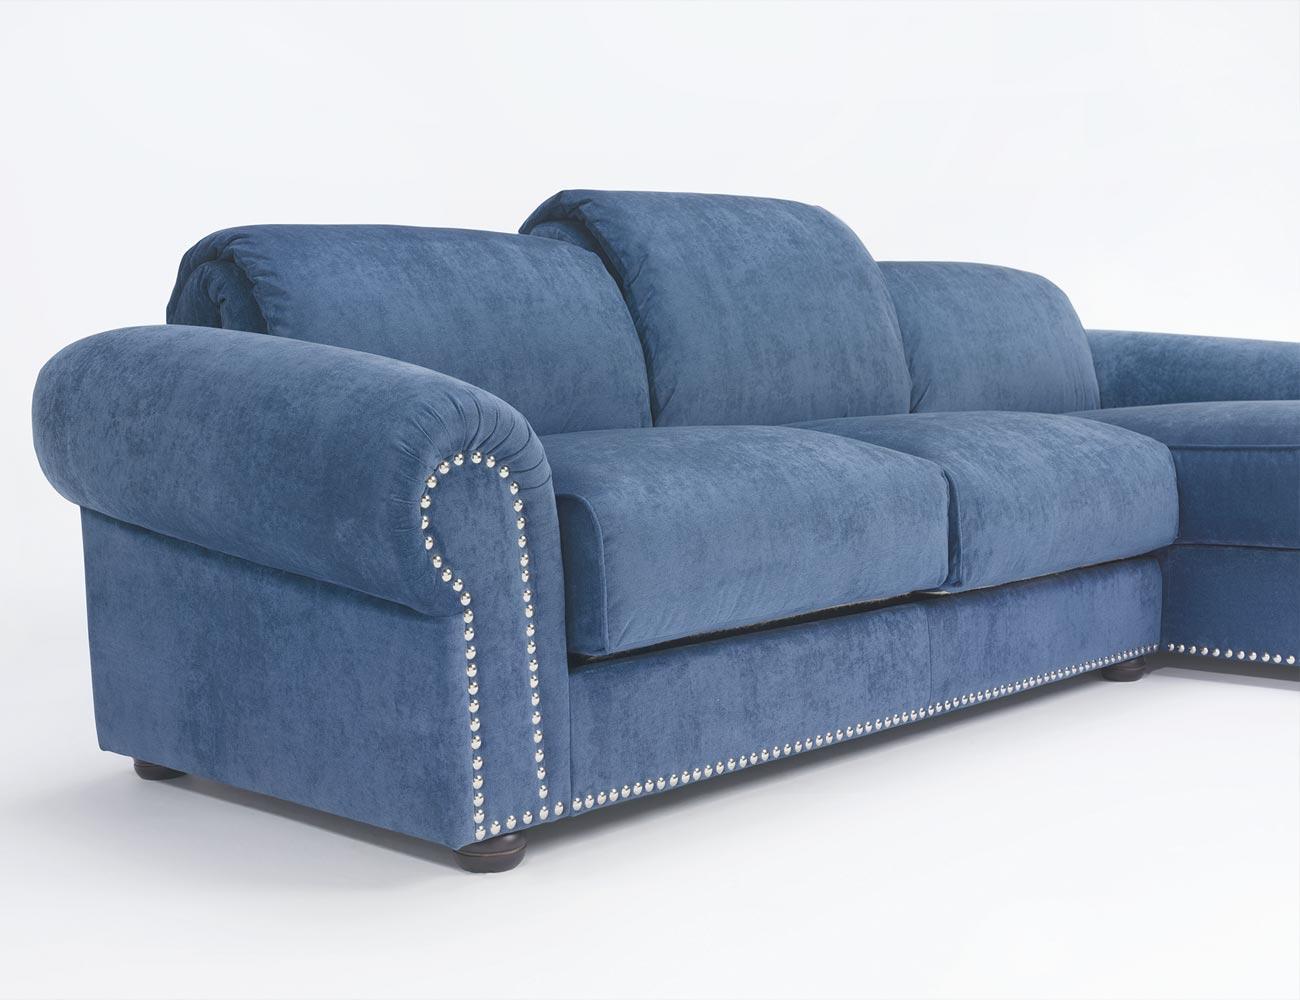 Sofa chaiselongue gran lujo decorativo azul 115